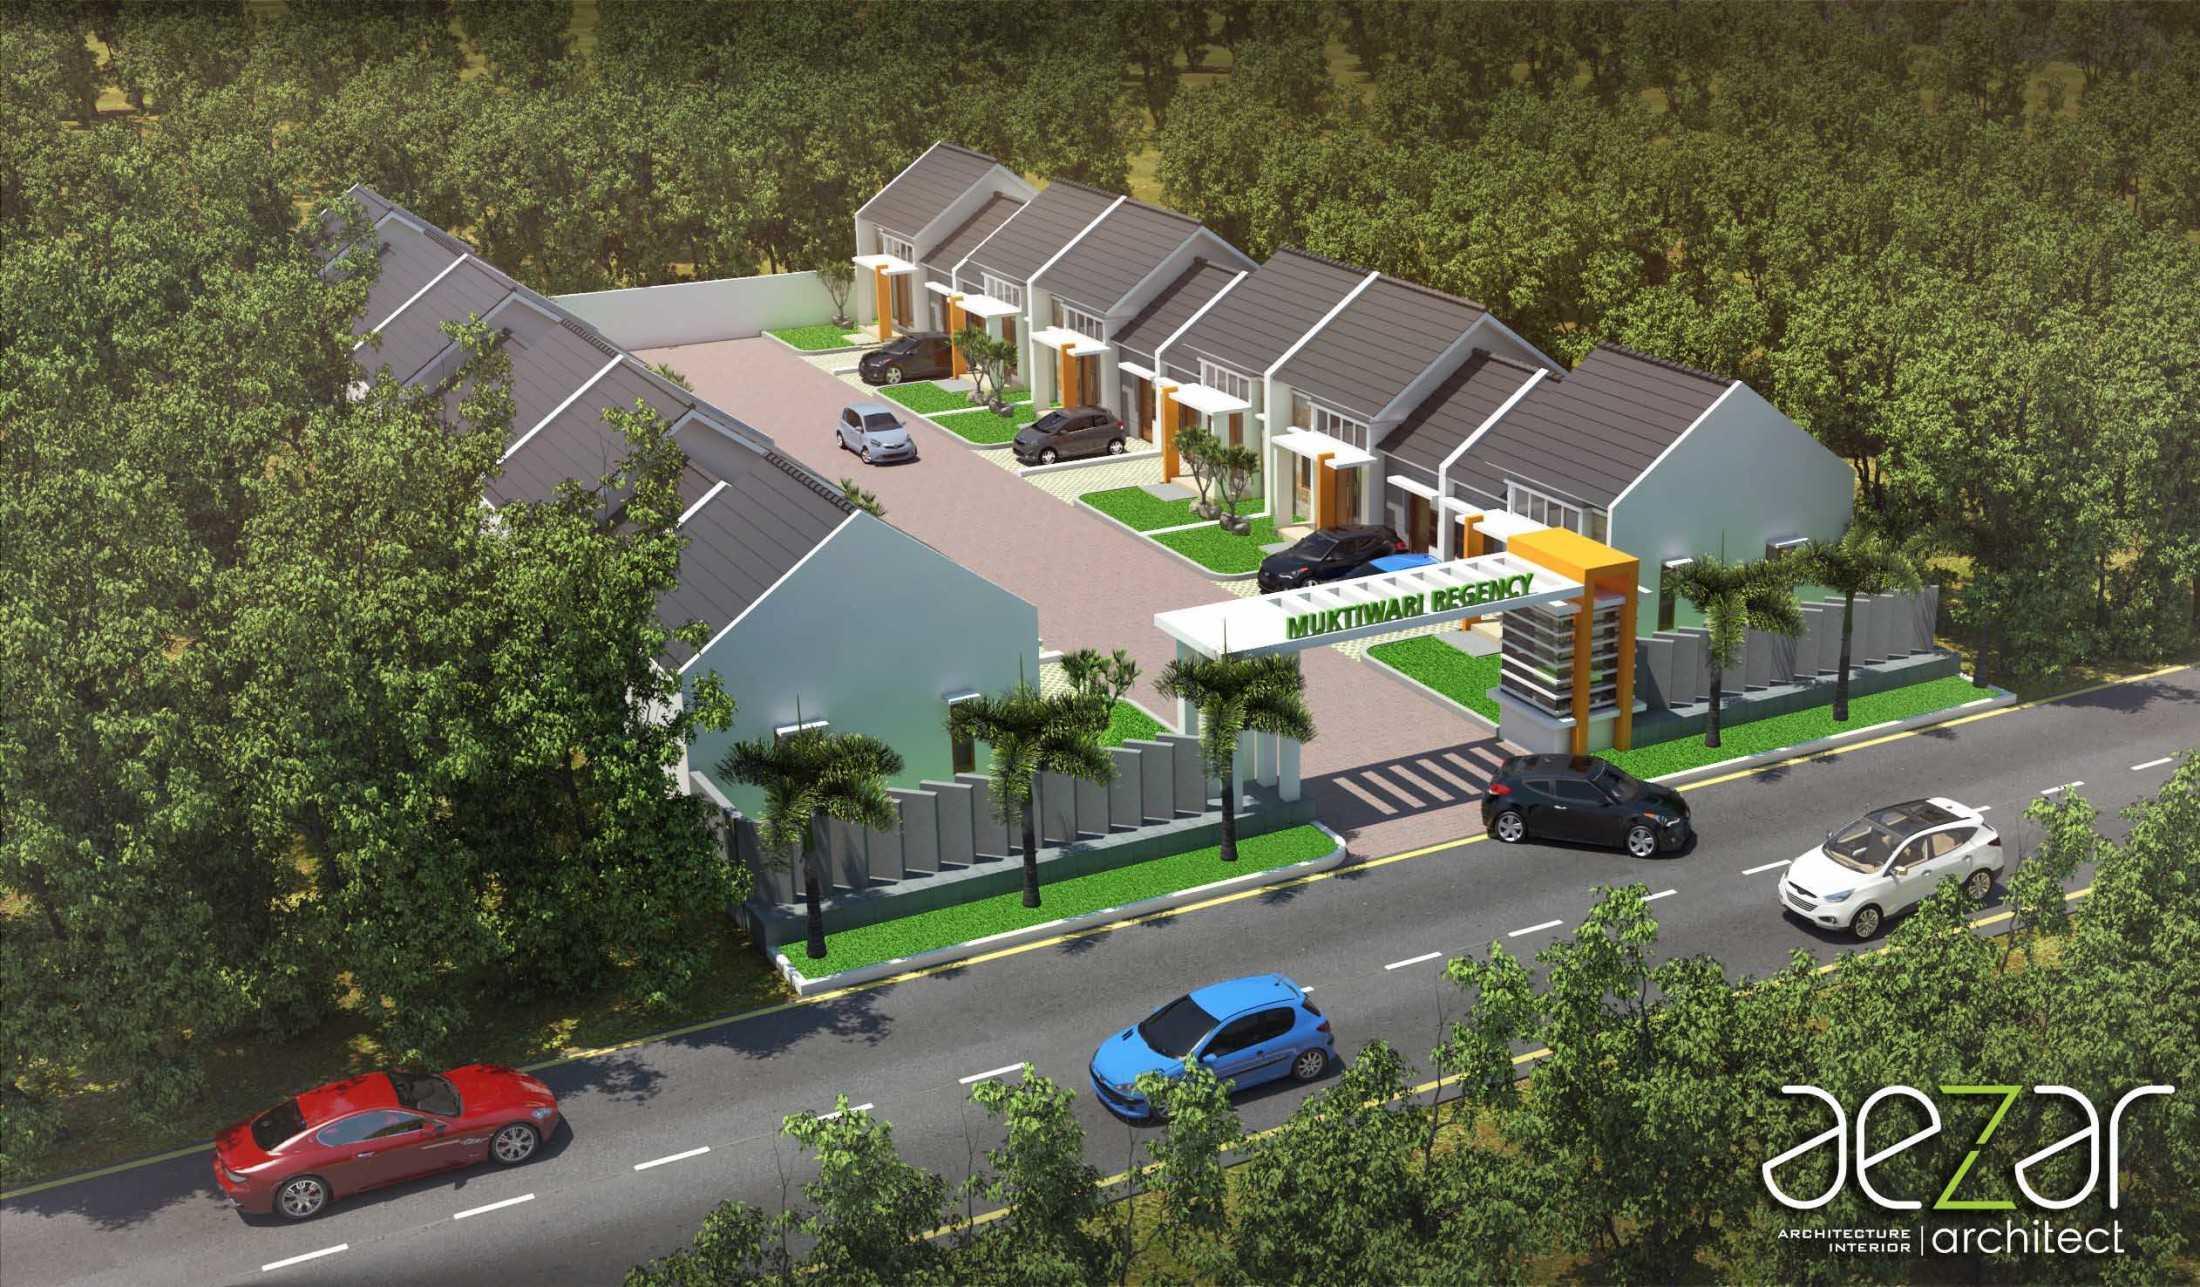 Aezar Architect Perumahan Grand Muktiwari Regency Bekasi, Tambelang, Bekasi, Jawa Barat, Indonesia Bekasi, Tambelang, Bekasi, Jawa Barat, Indonesia Bird Eye View Minimalis 54452